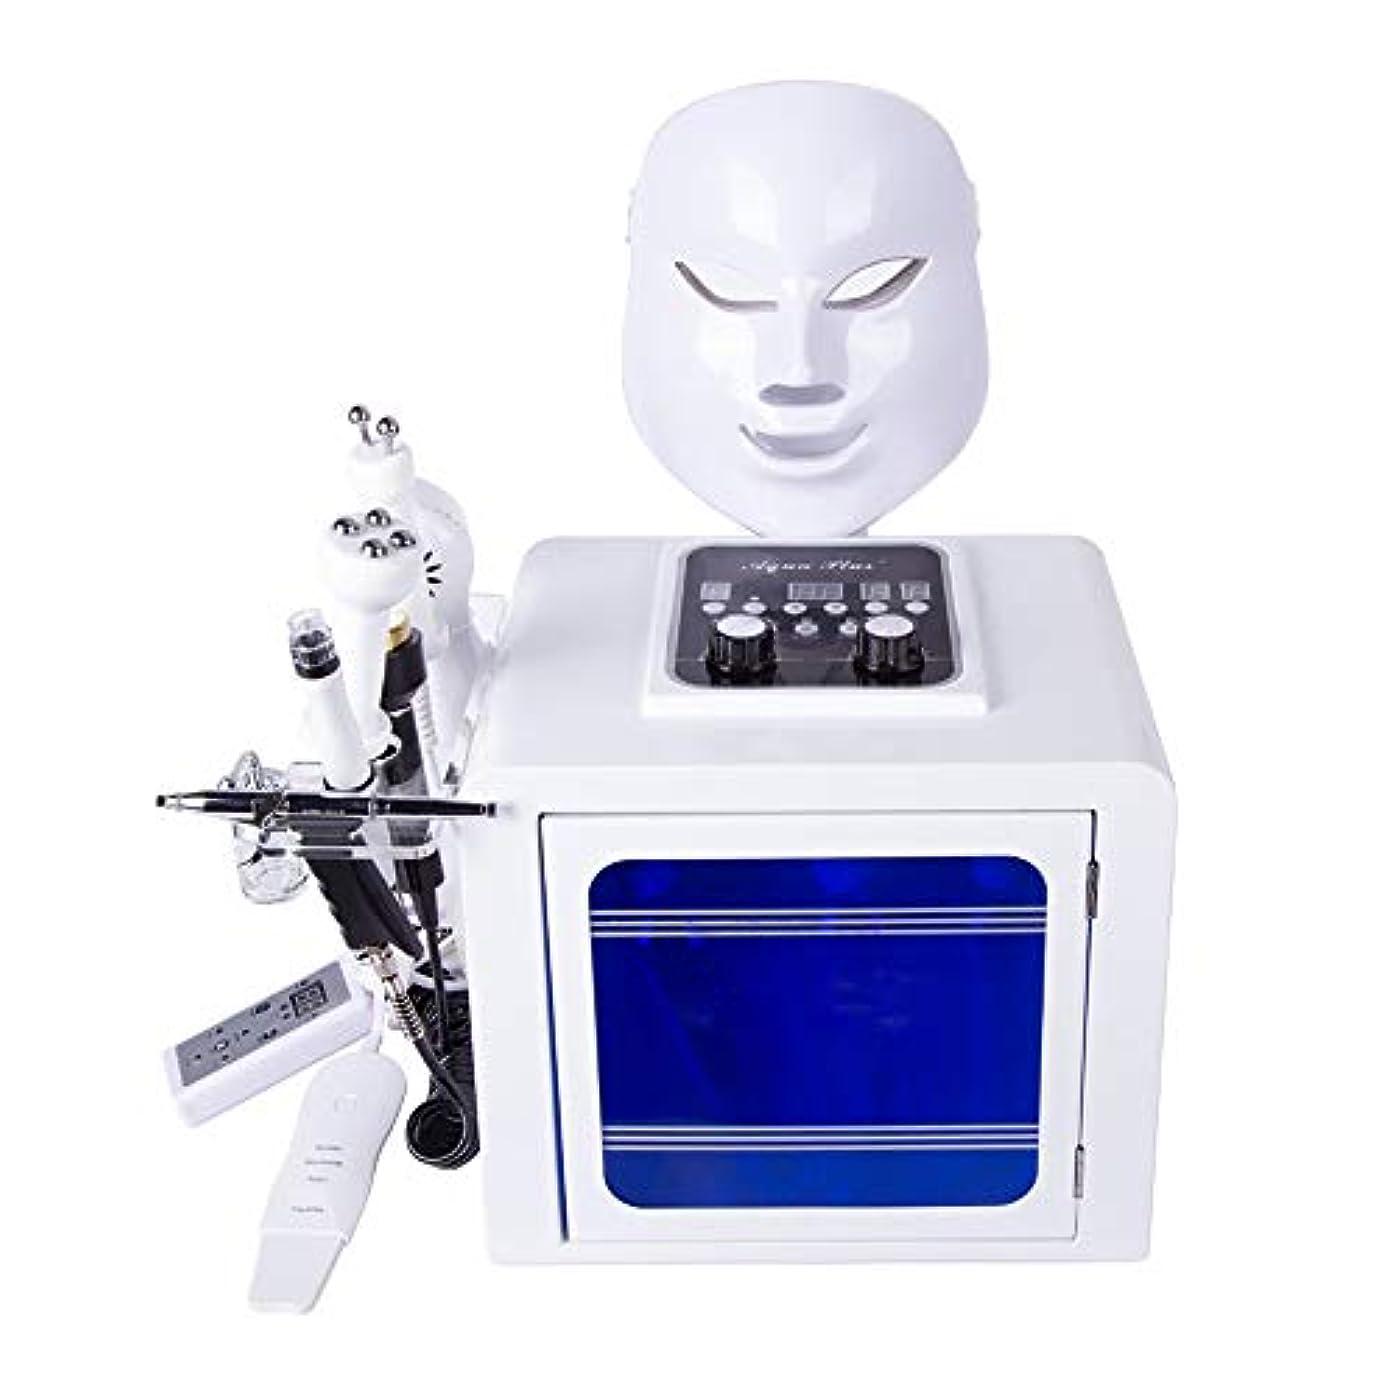 霊徴収悪性の8 1つの水の酸素マシンでは、スキンケアインジェクションフェイシャルモイスチャライジングクリーニング毛穴クリアのためのBIOマイクロマッサージ皮膚剥離ツールを持ち上げる無線周波数ハイドロジェ